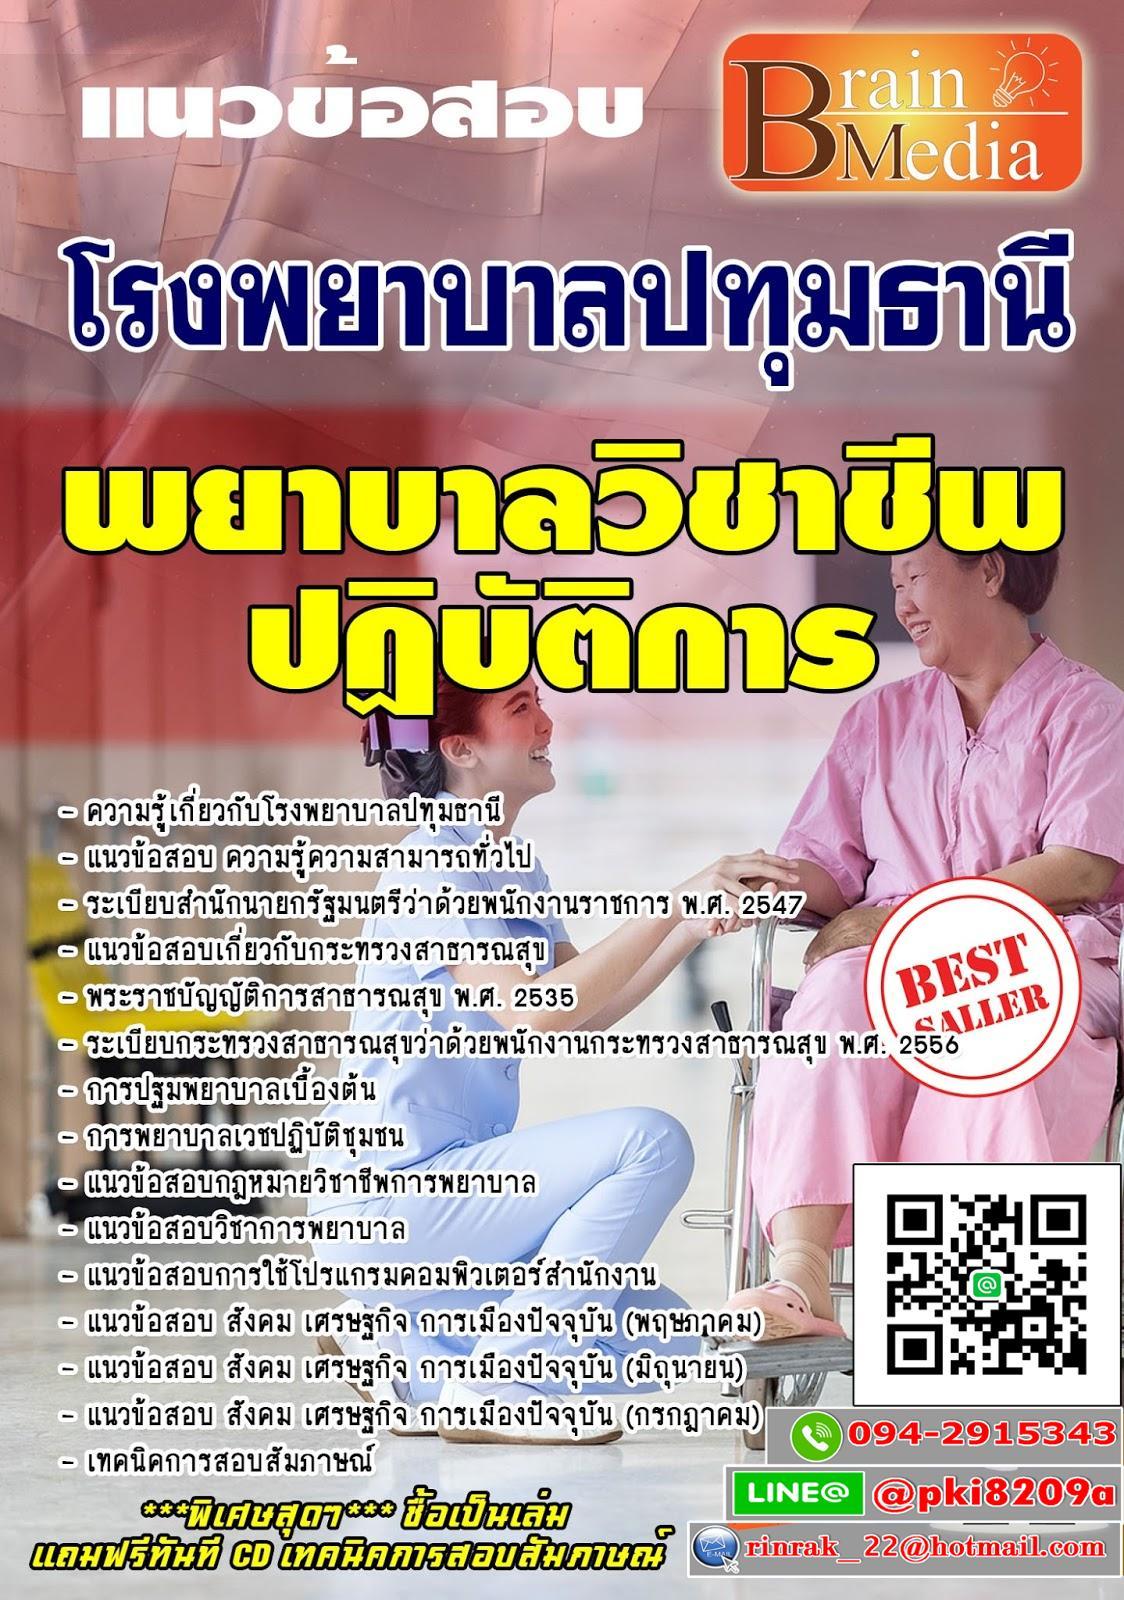 สรุปแนวข้อสอบ พยาบาลวิชาชีพปฏิบัติการ โรงพยาบาลปทุมธานี